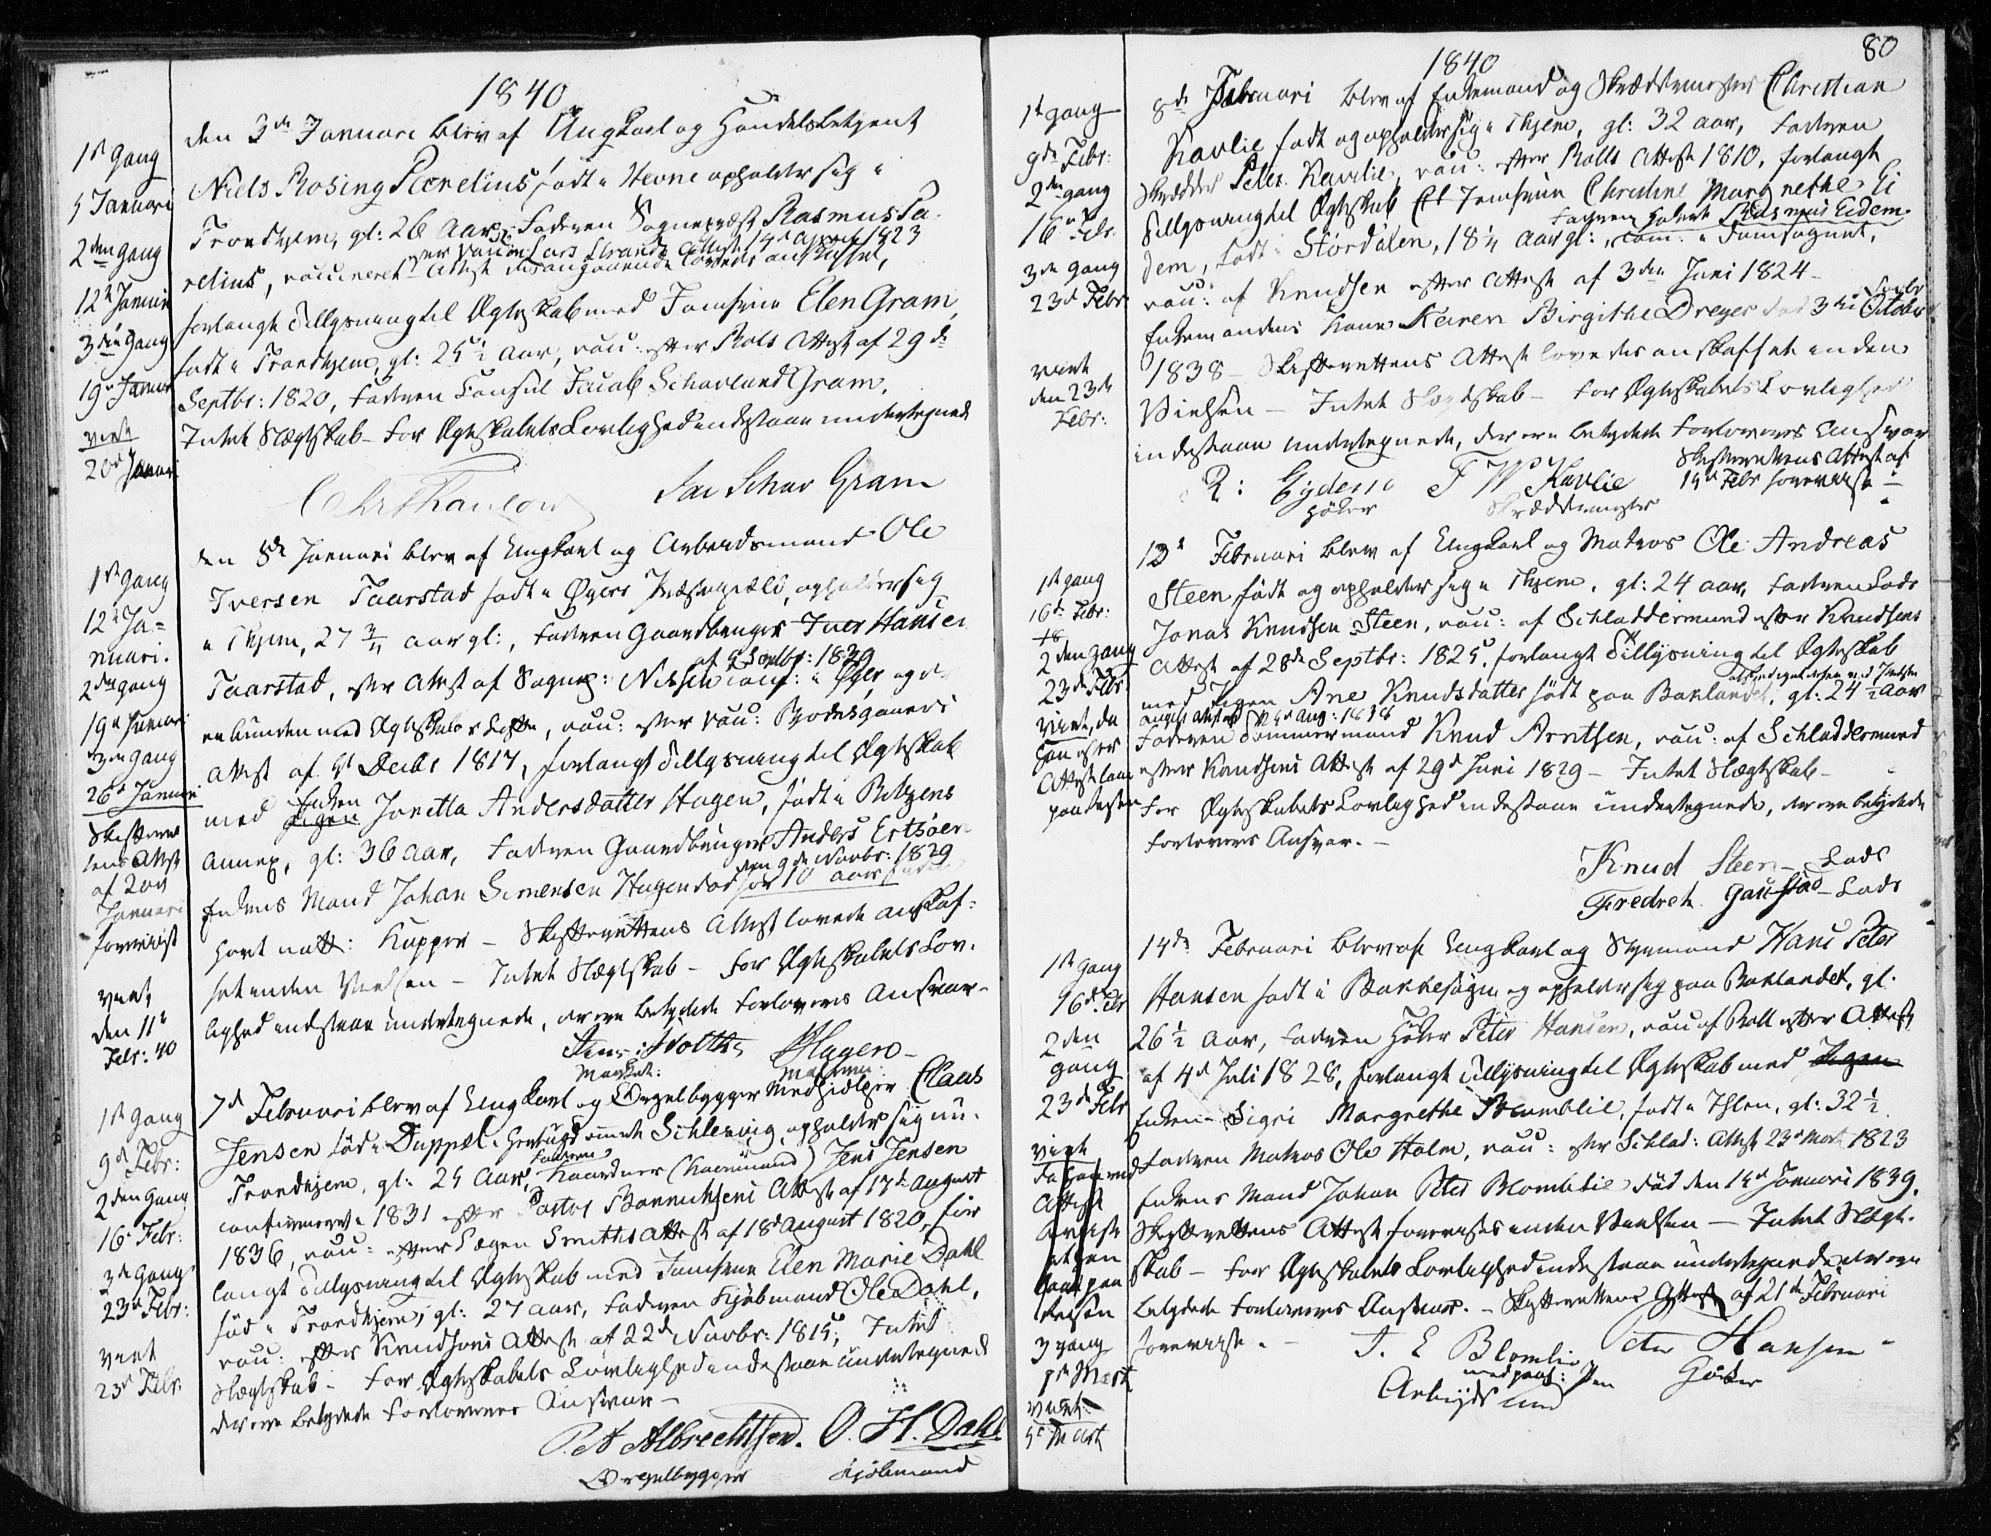 SAT, Ministerialprotokoller, klokkerbøker og fødselsregistre - Sør-Trøndelag, 601/L0046: Ministerialbok nr. 601A14, 1830-1841, s. 80